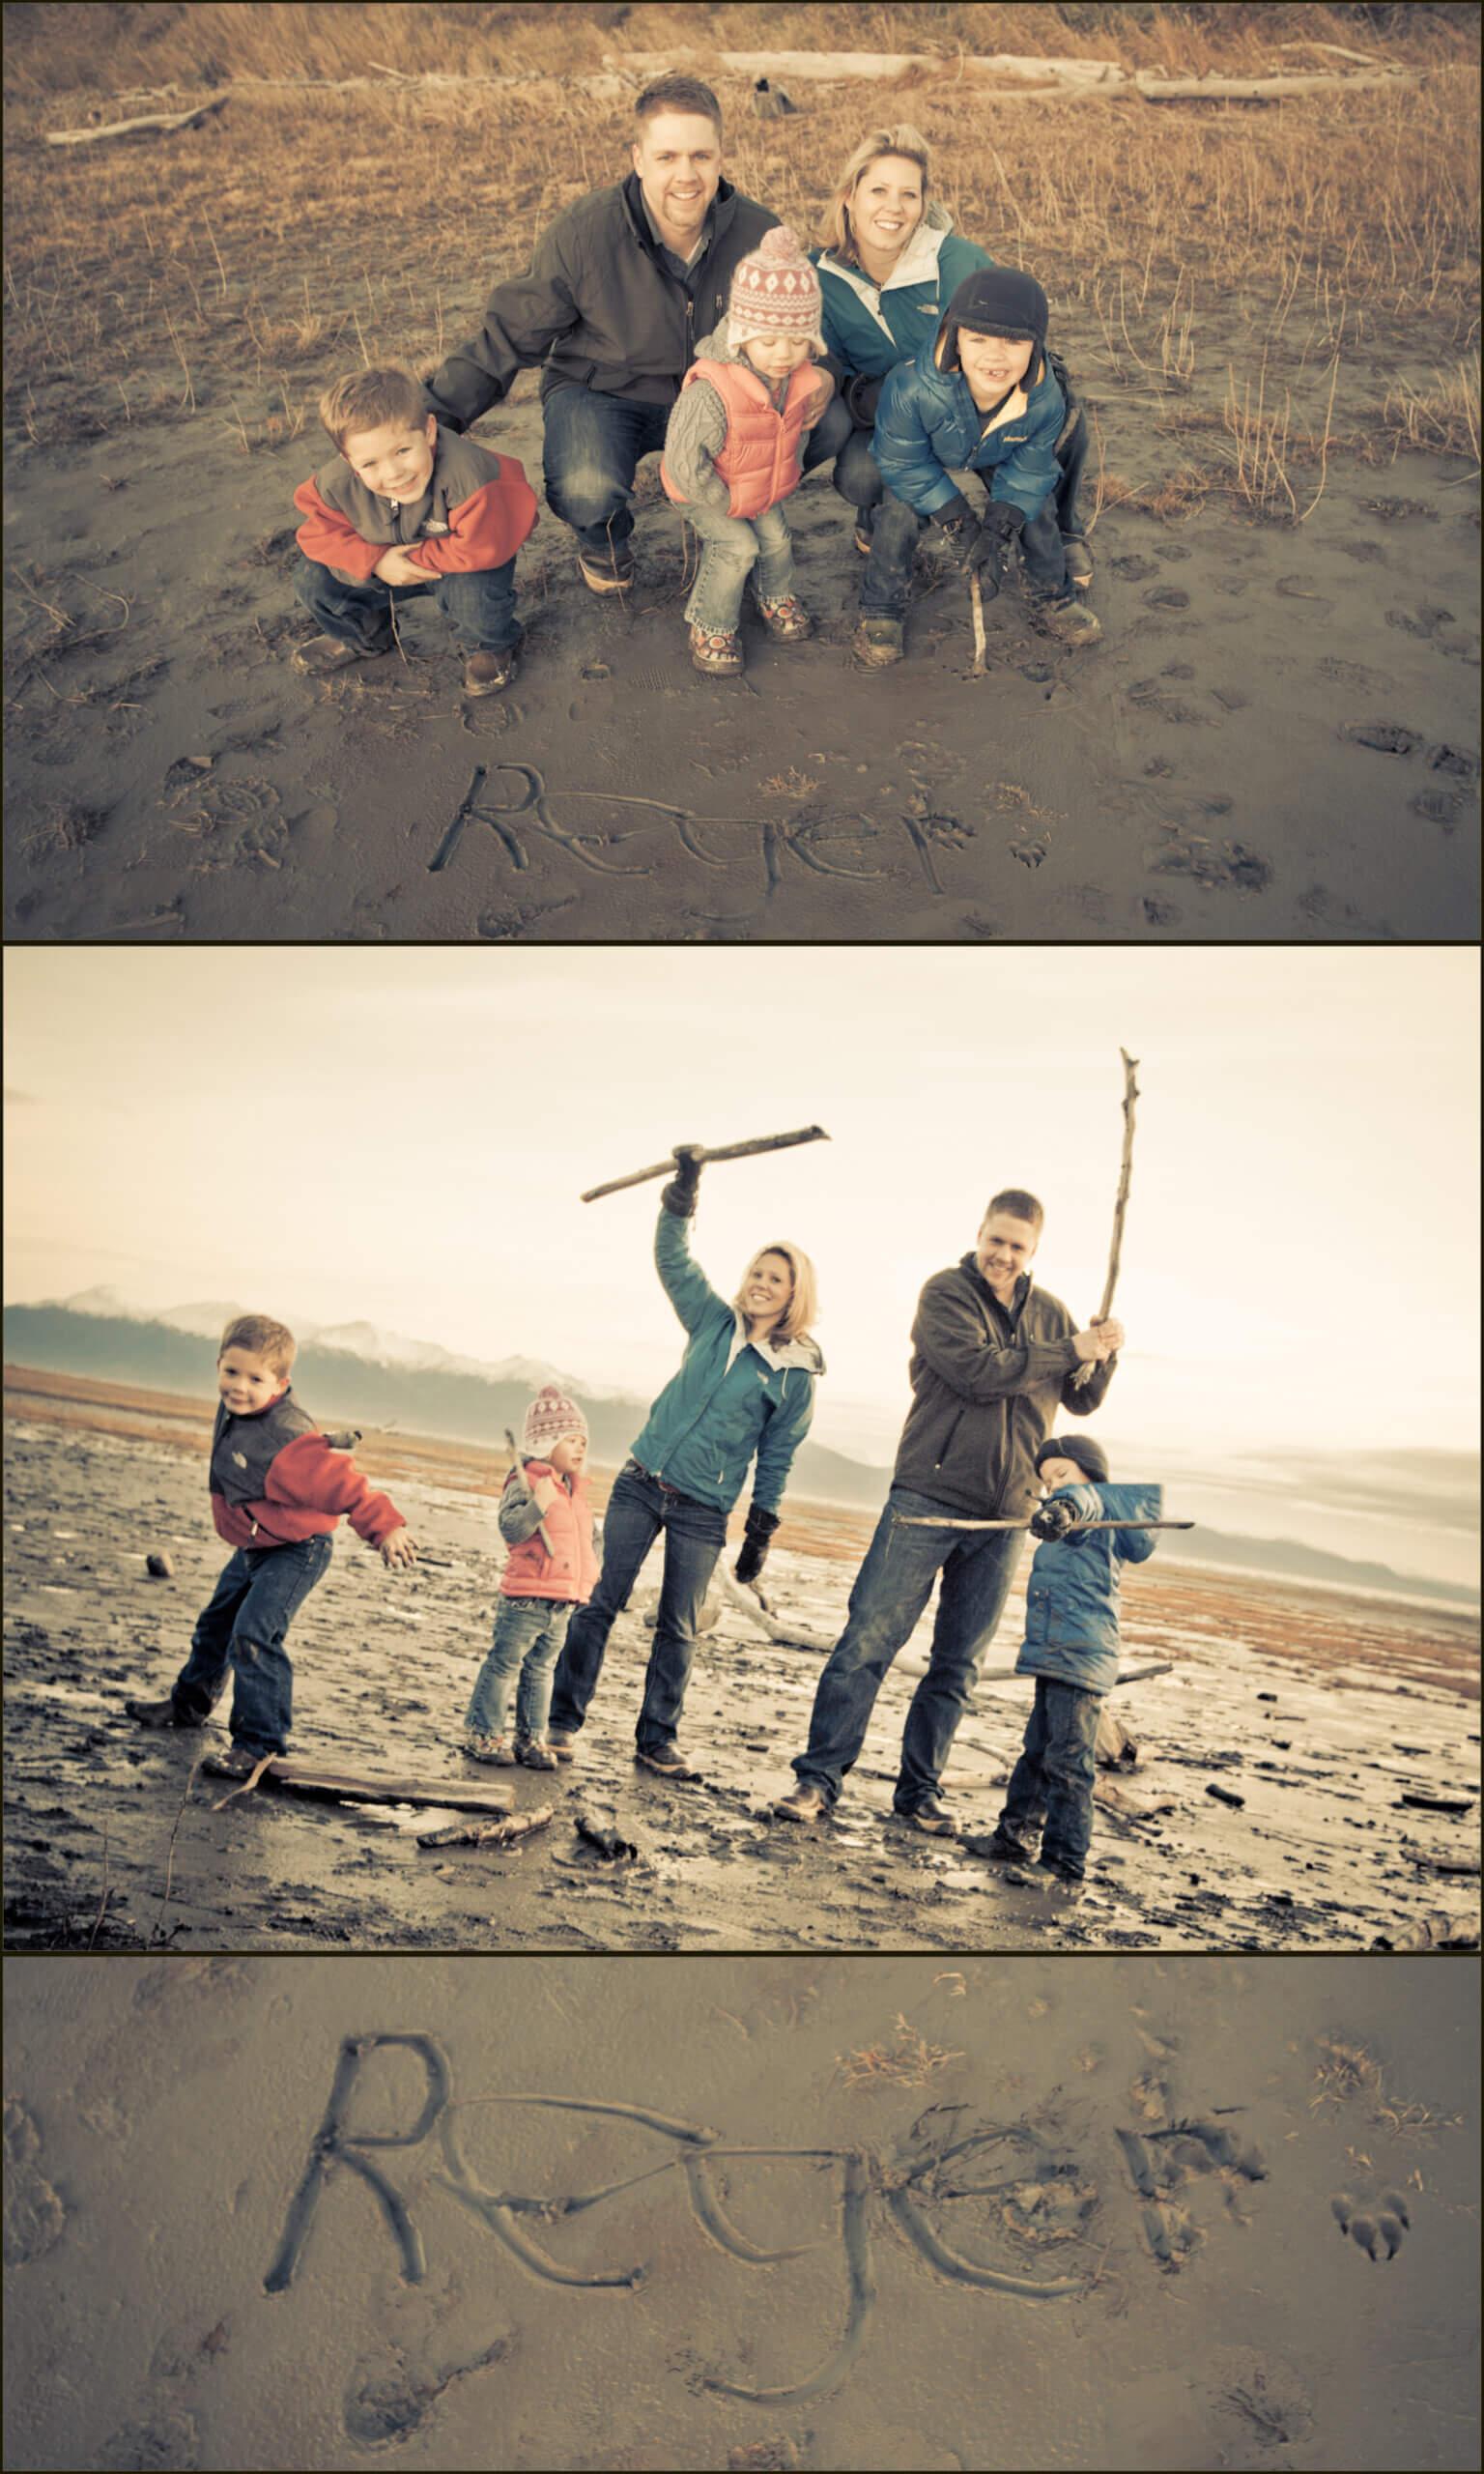 Reger family Alaska photo session